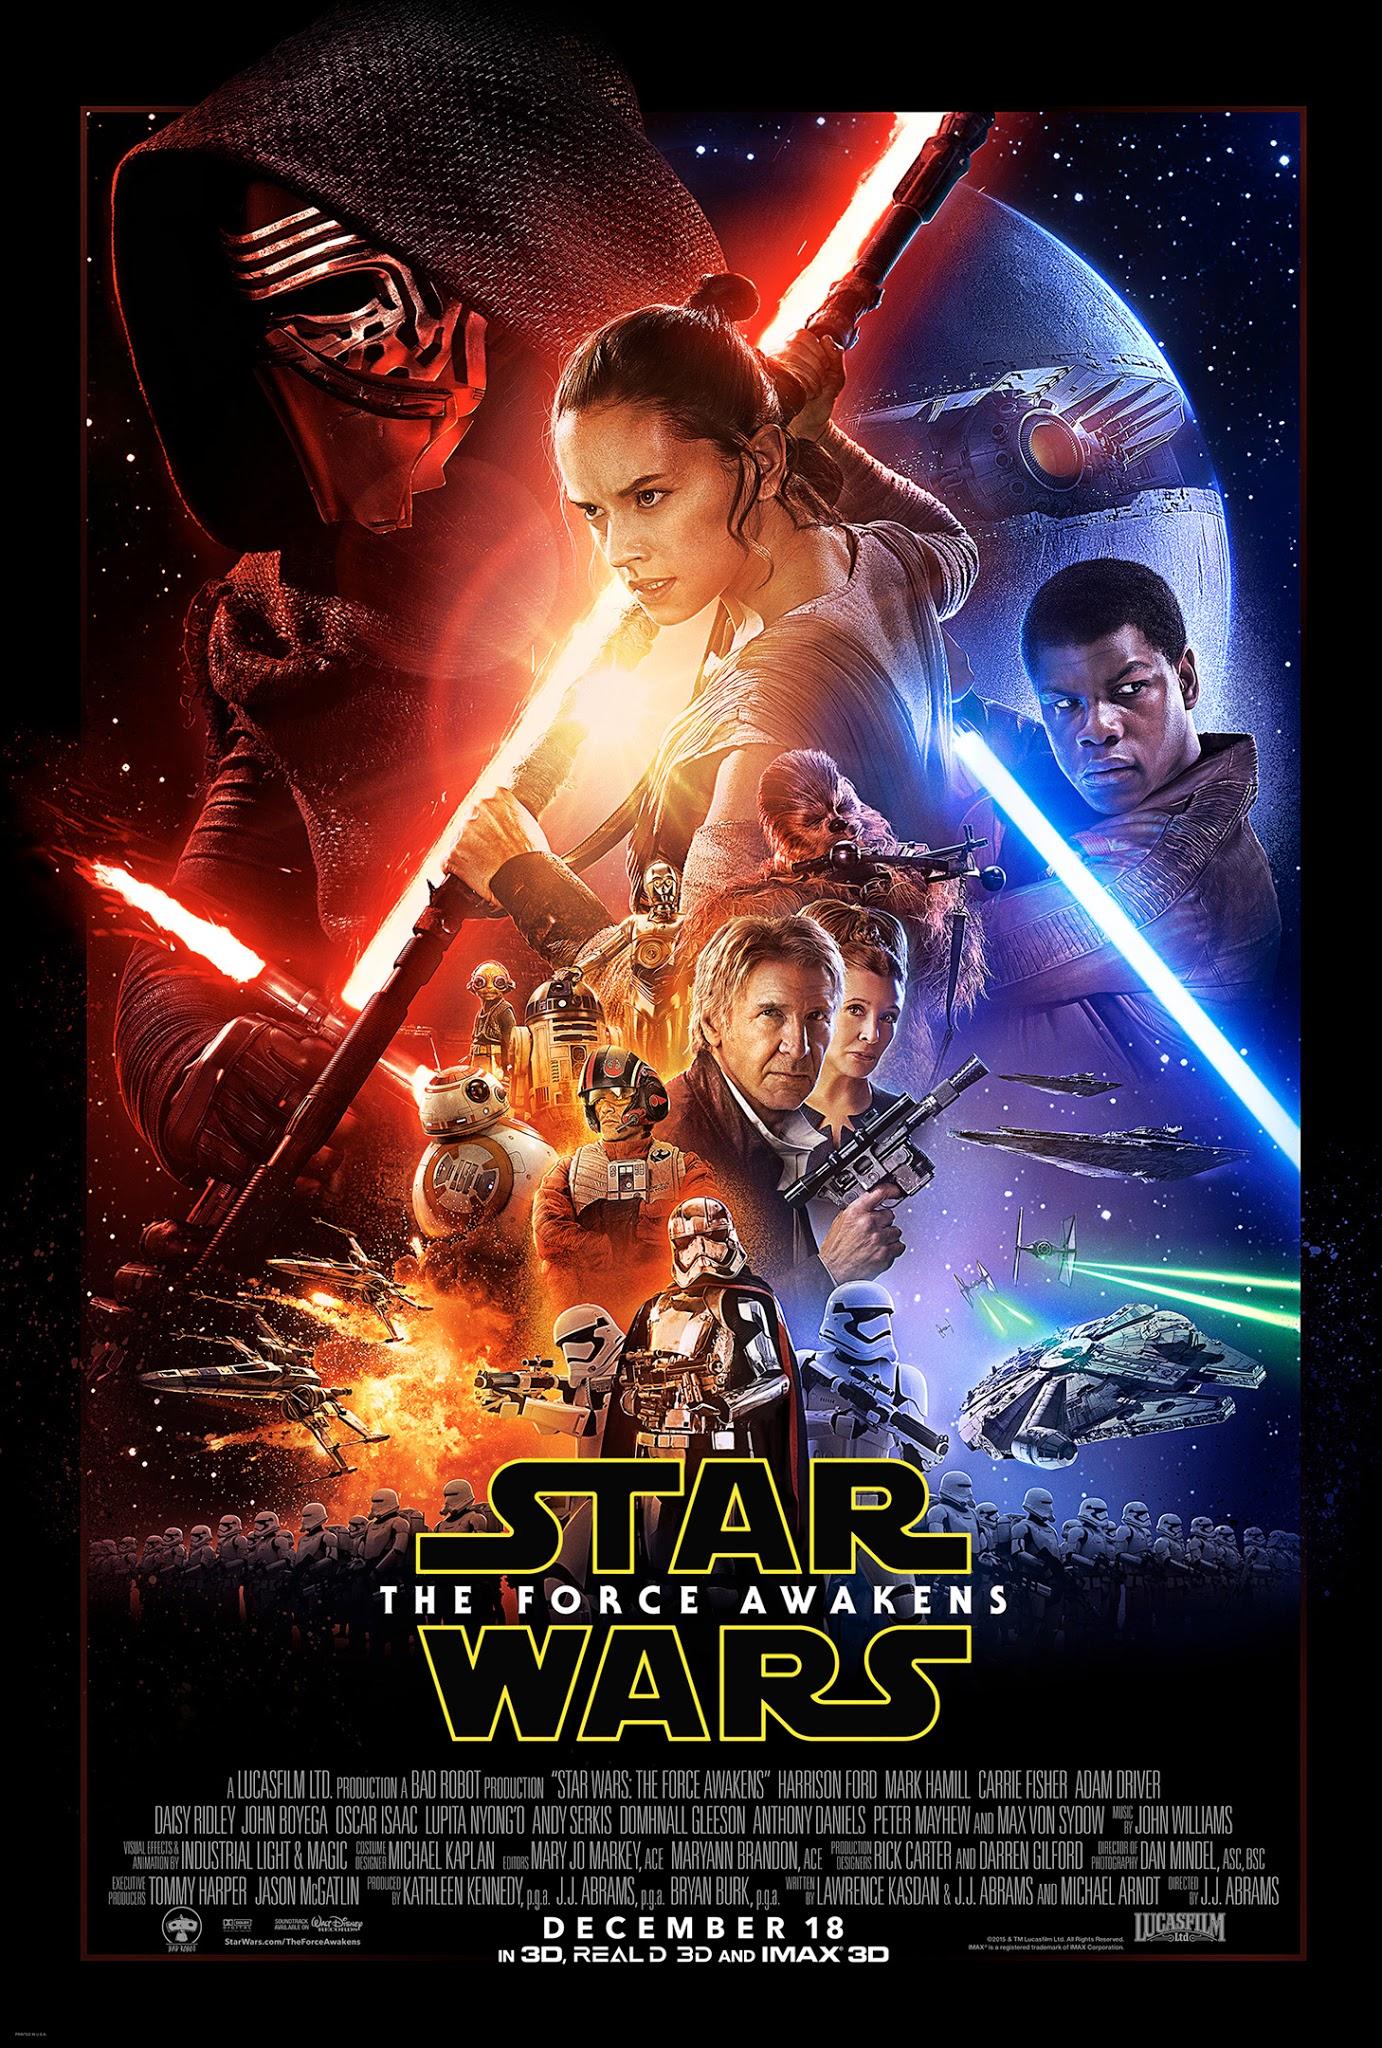 gwiezdne wojny przebudzenie mocy film recenzja plakat j.j. abrams